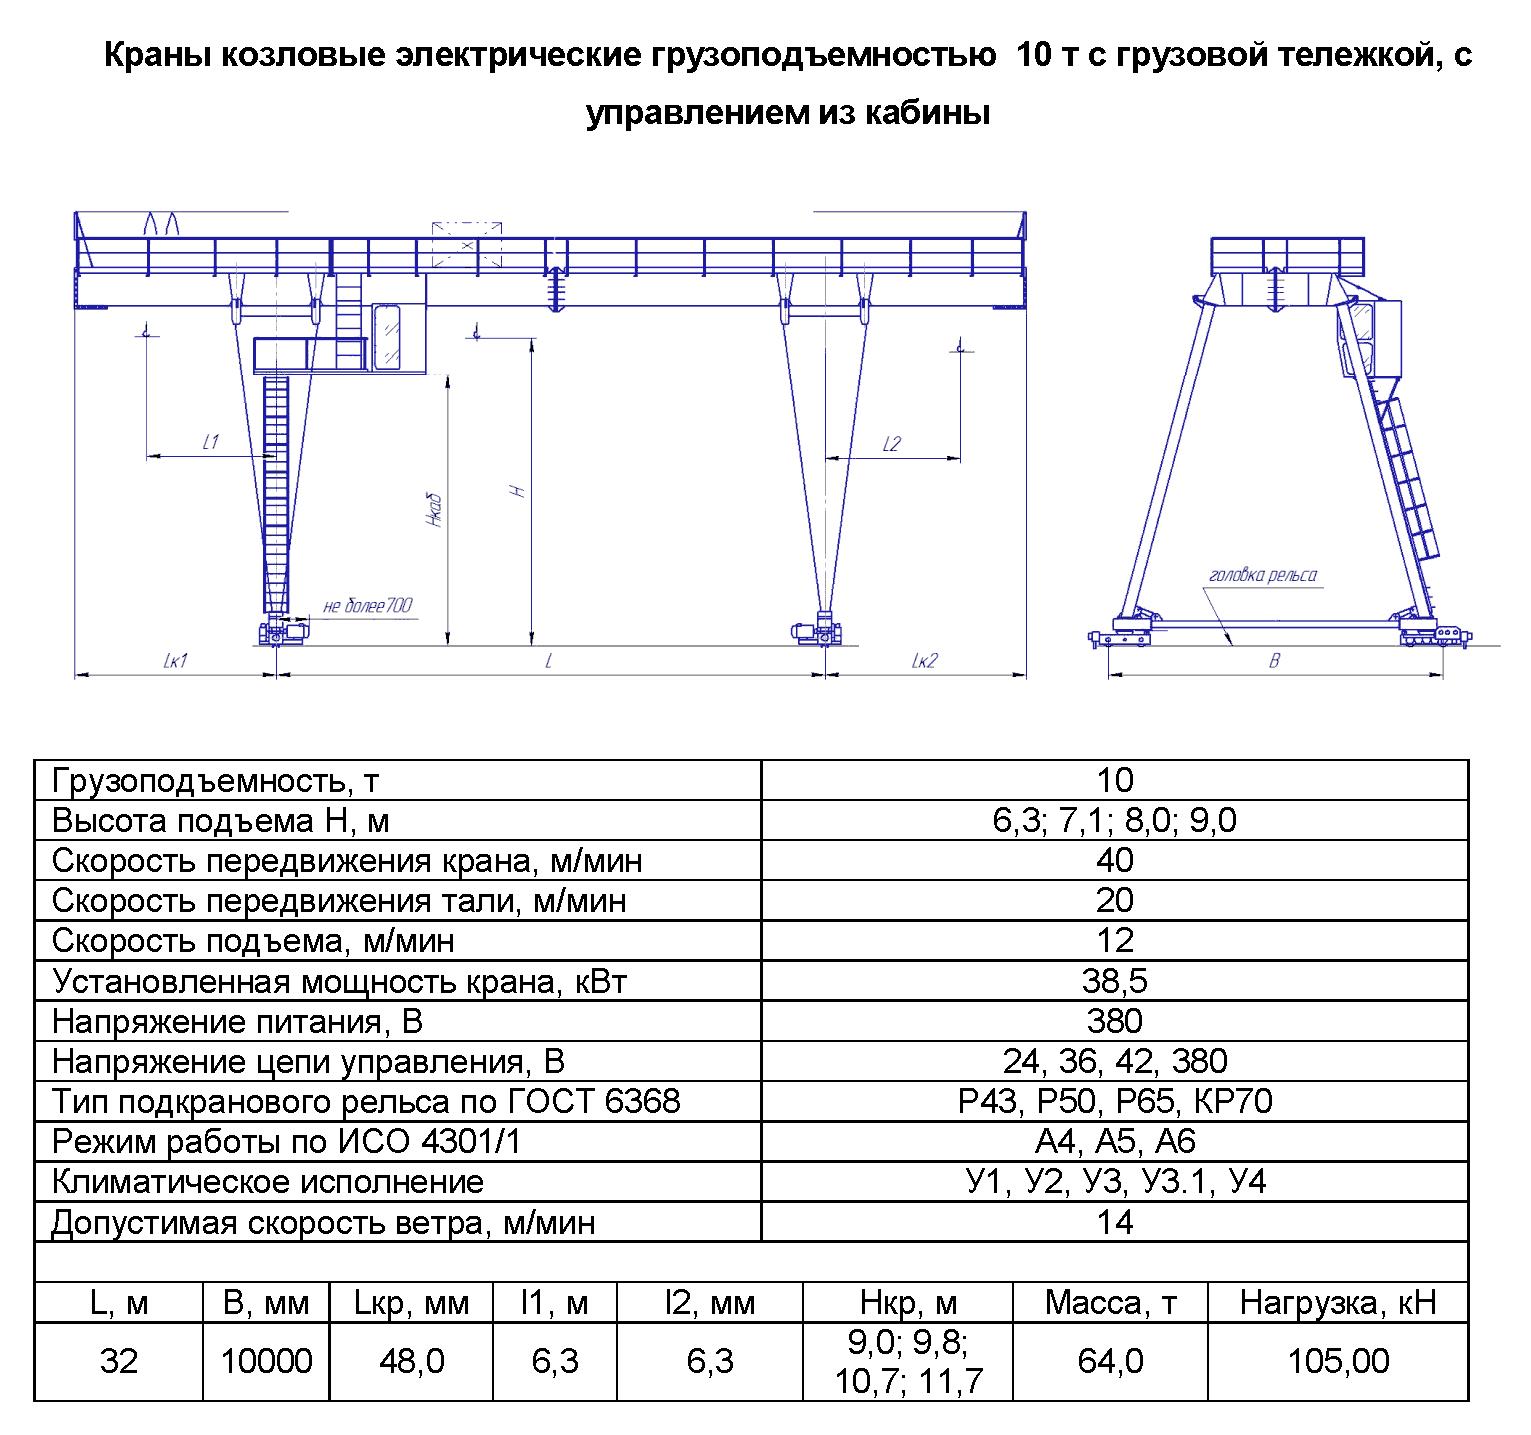 KKD 10 320 - Кран козловой электрический двухбалочный